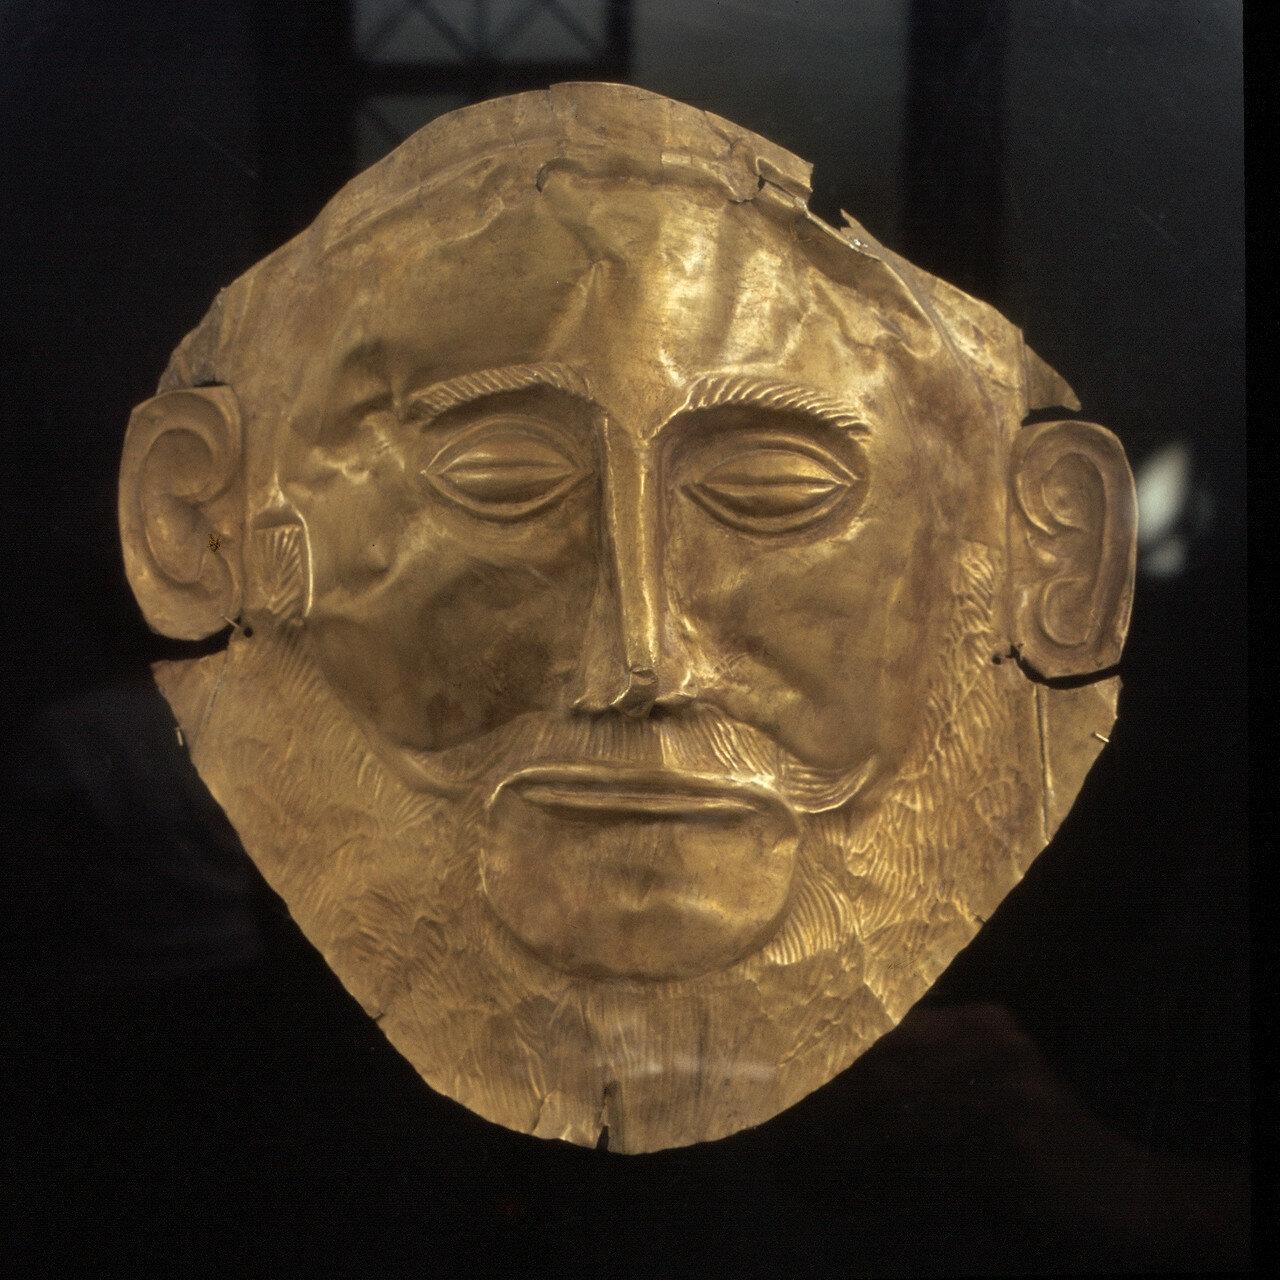 Афины. Национальный археологический музей. Посмертная маска из Микен, могила В. Высота 26 см. Середина XVI в. до нашей эры